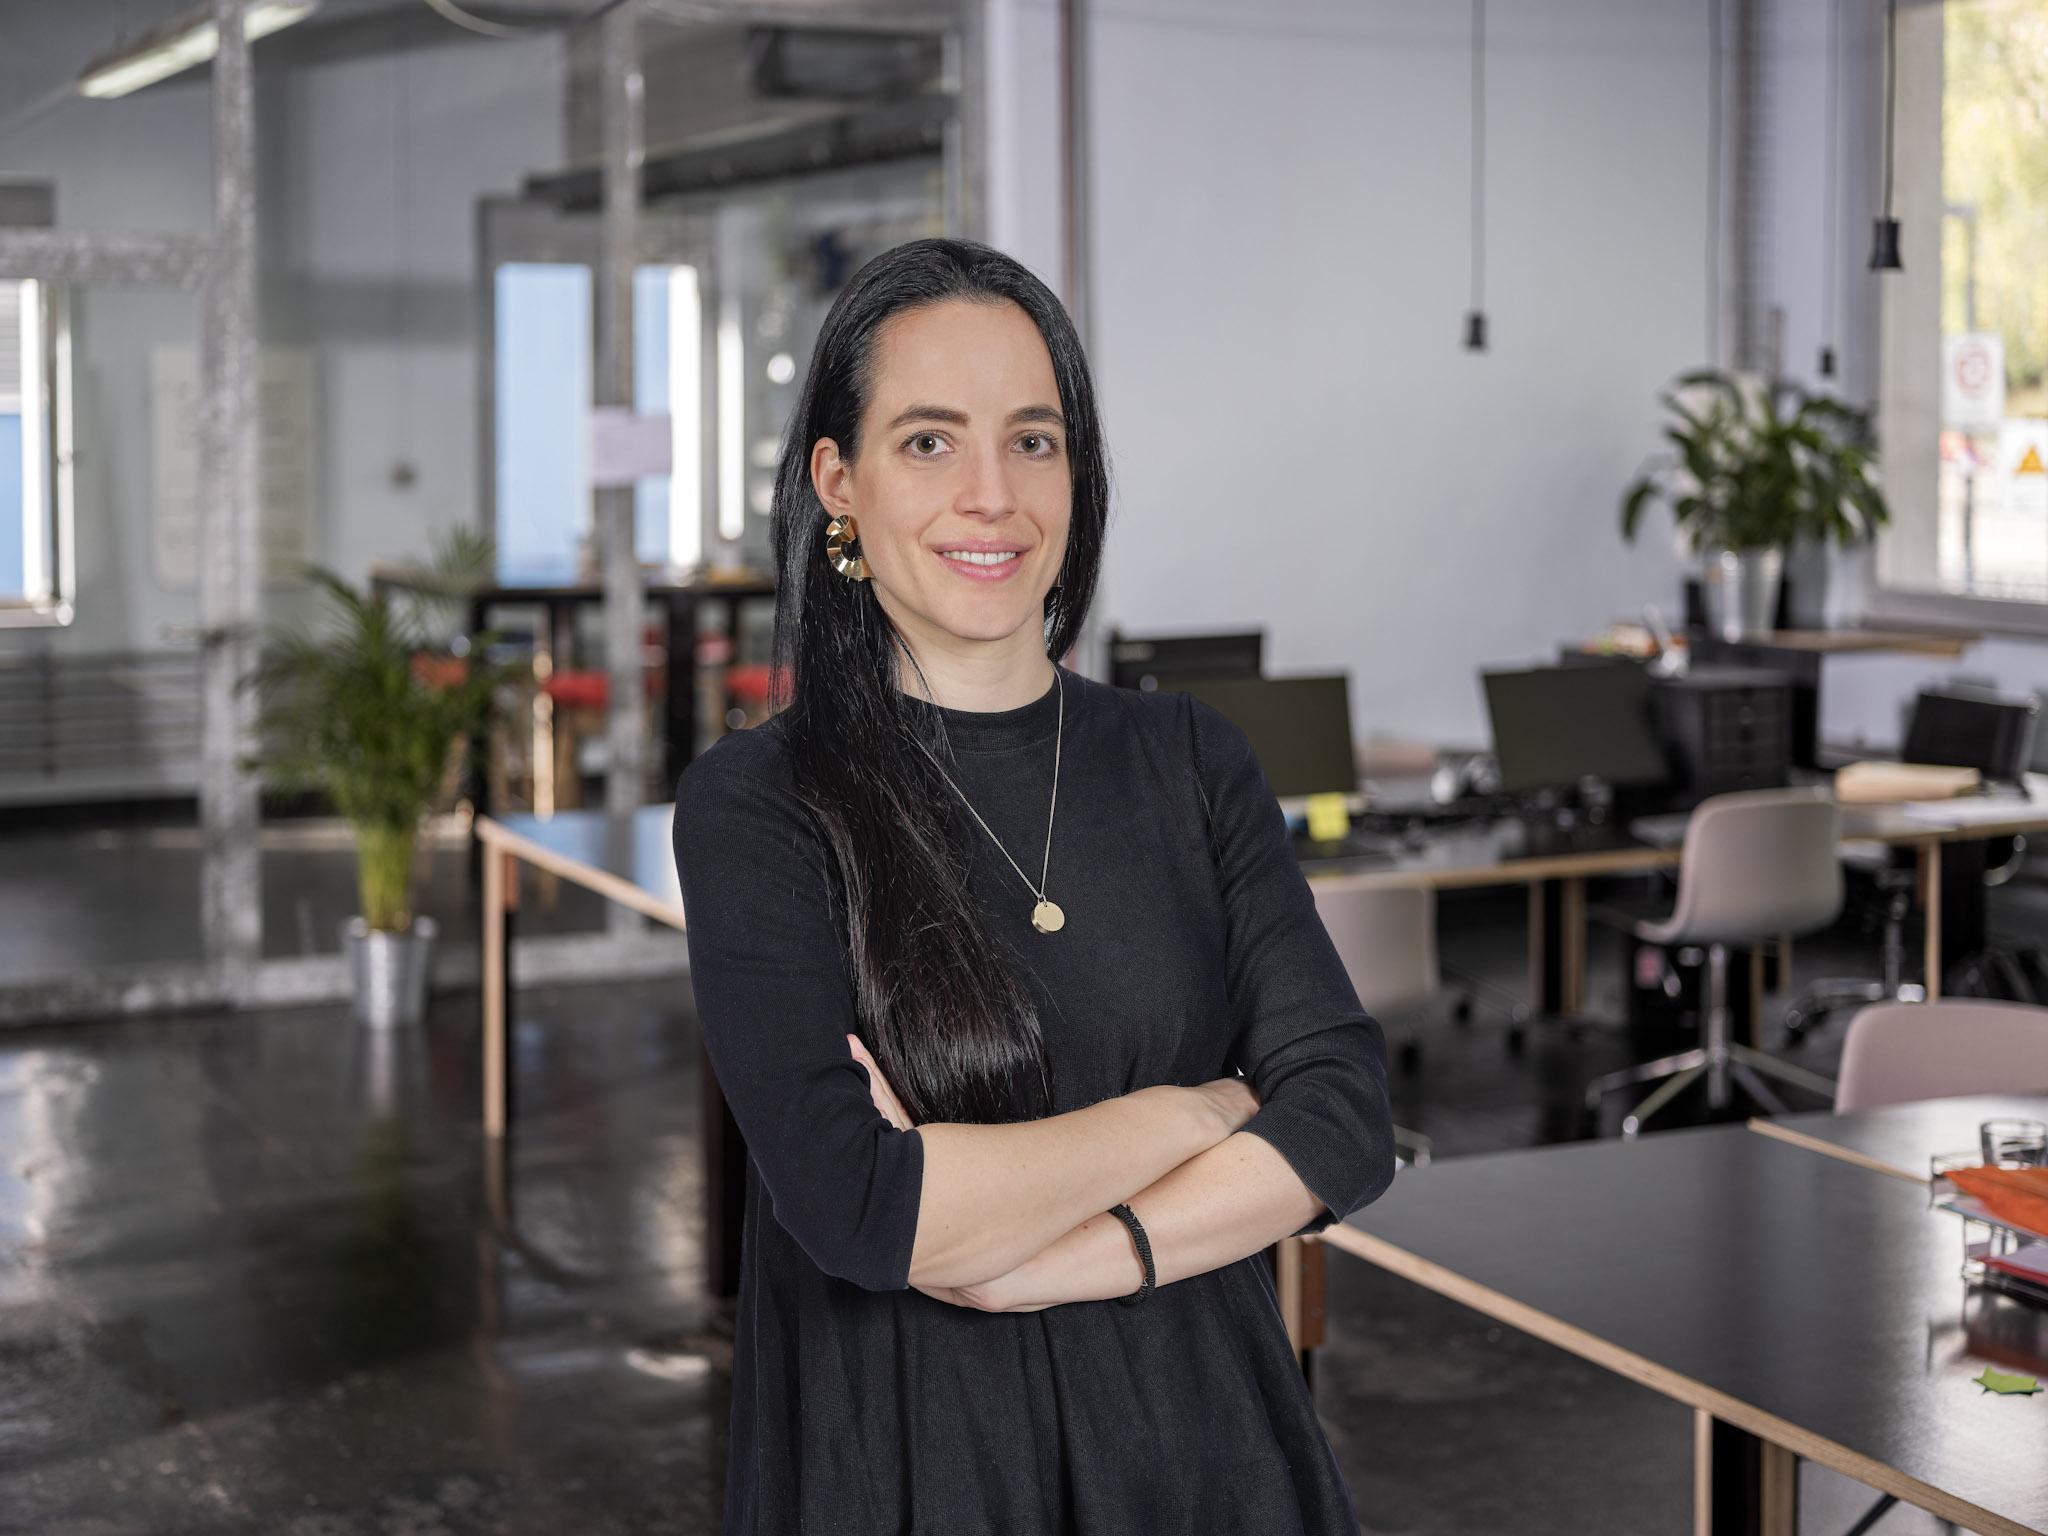 Manuela Bruderer, Oberholzer Online Marketing